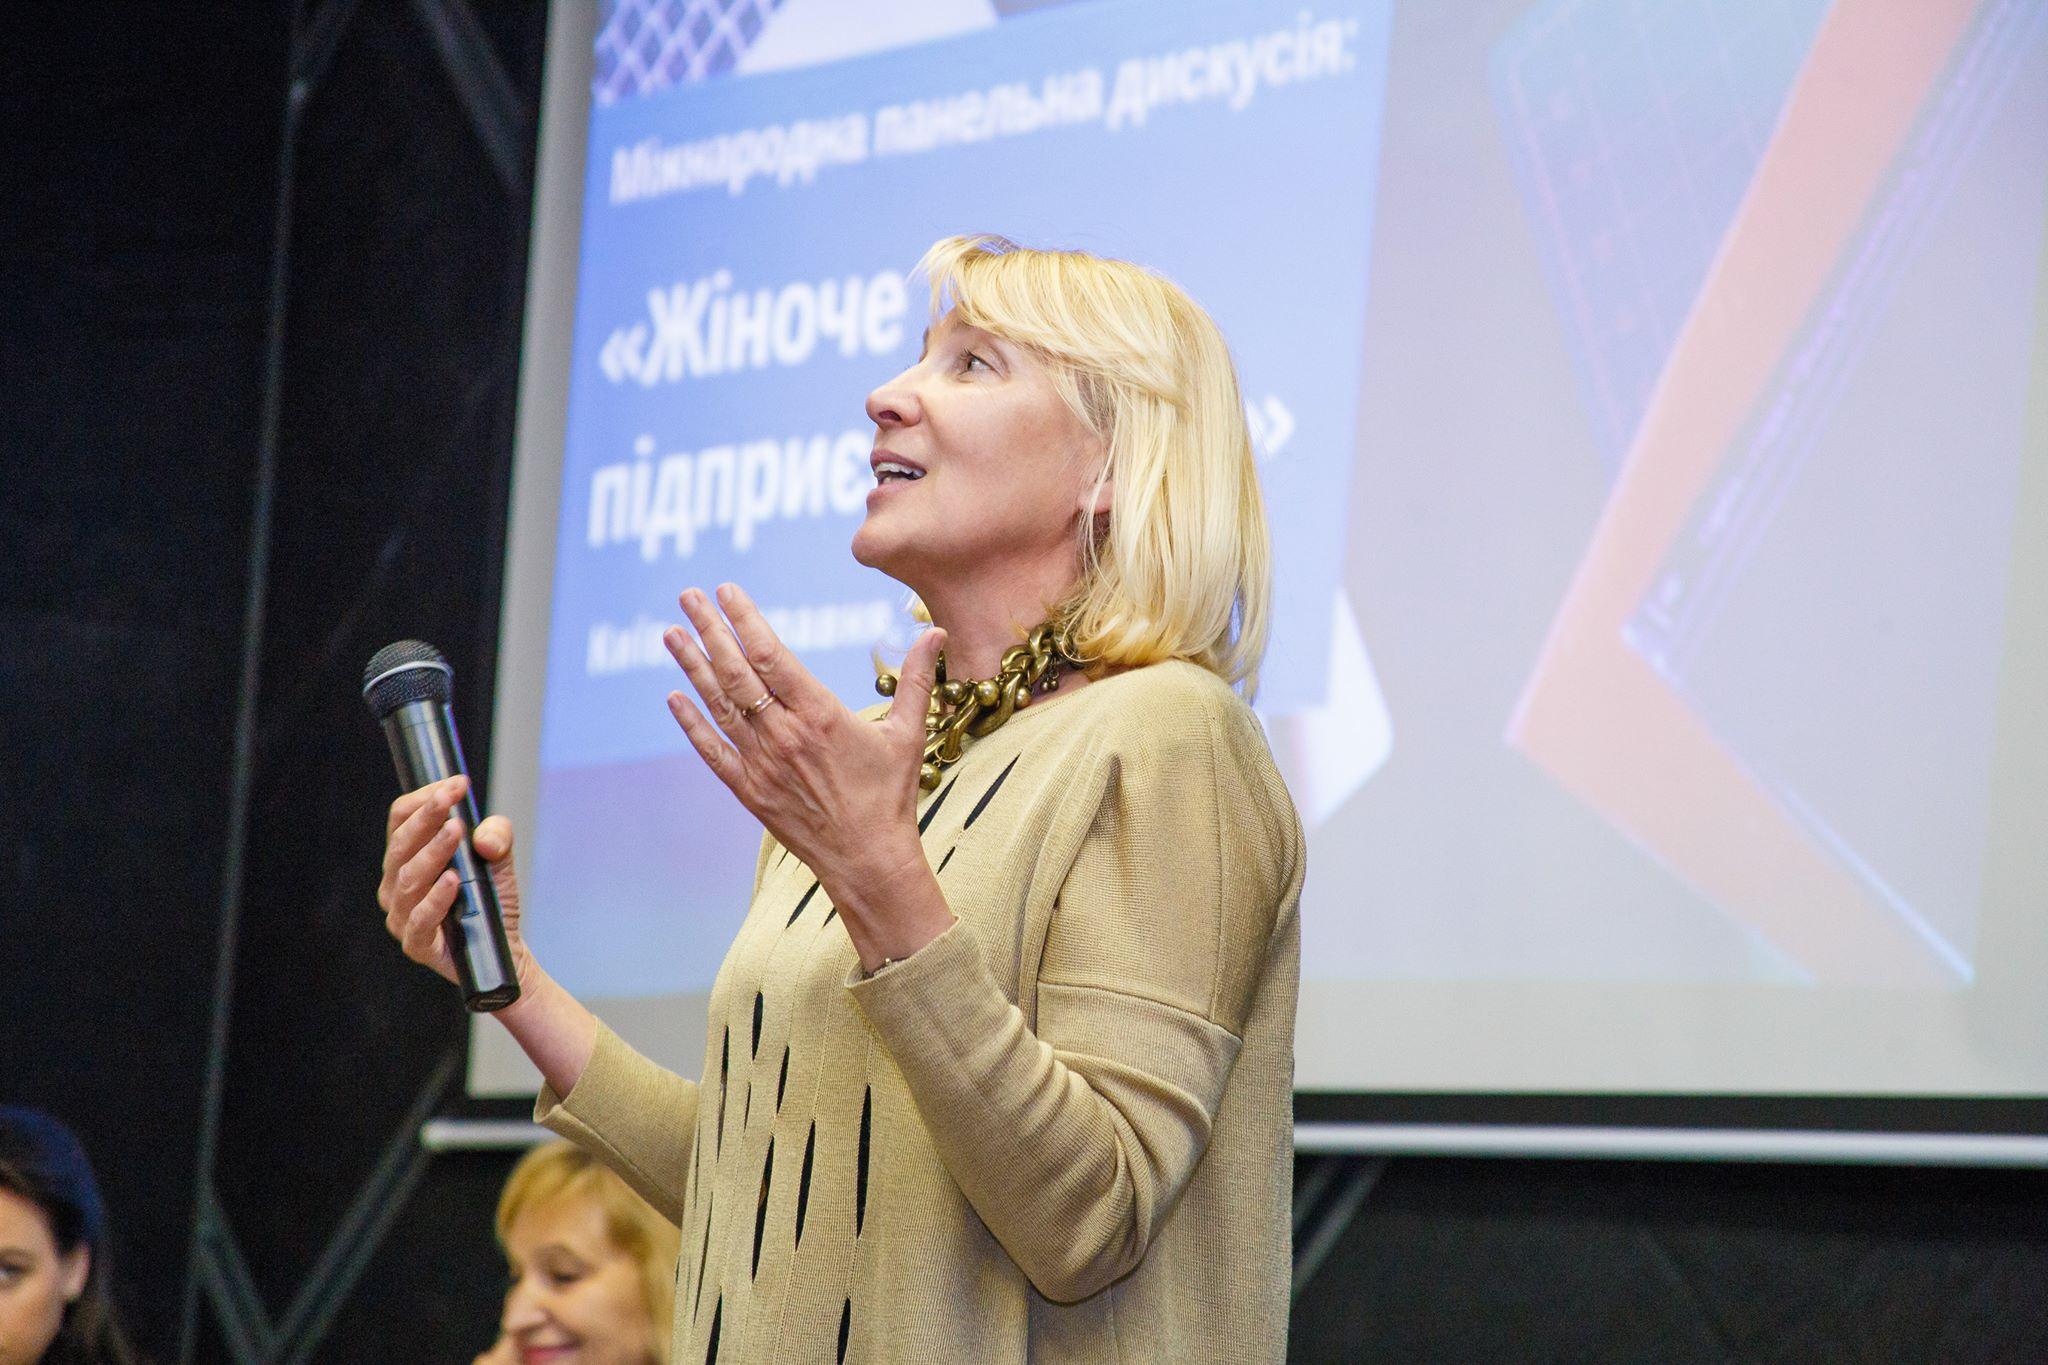 РИТМ RITO: Татьяна Абрамова из RITO о том, почему в команде должен быть человек, не разбирающийся в бизнесе